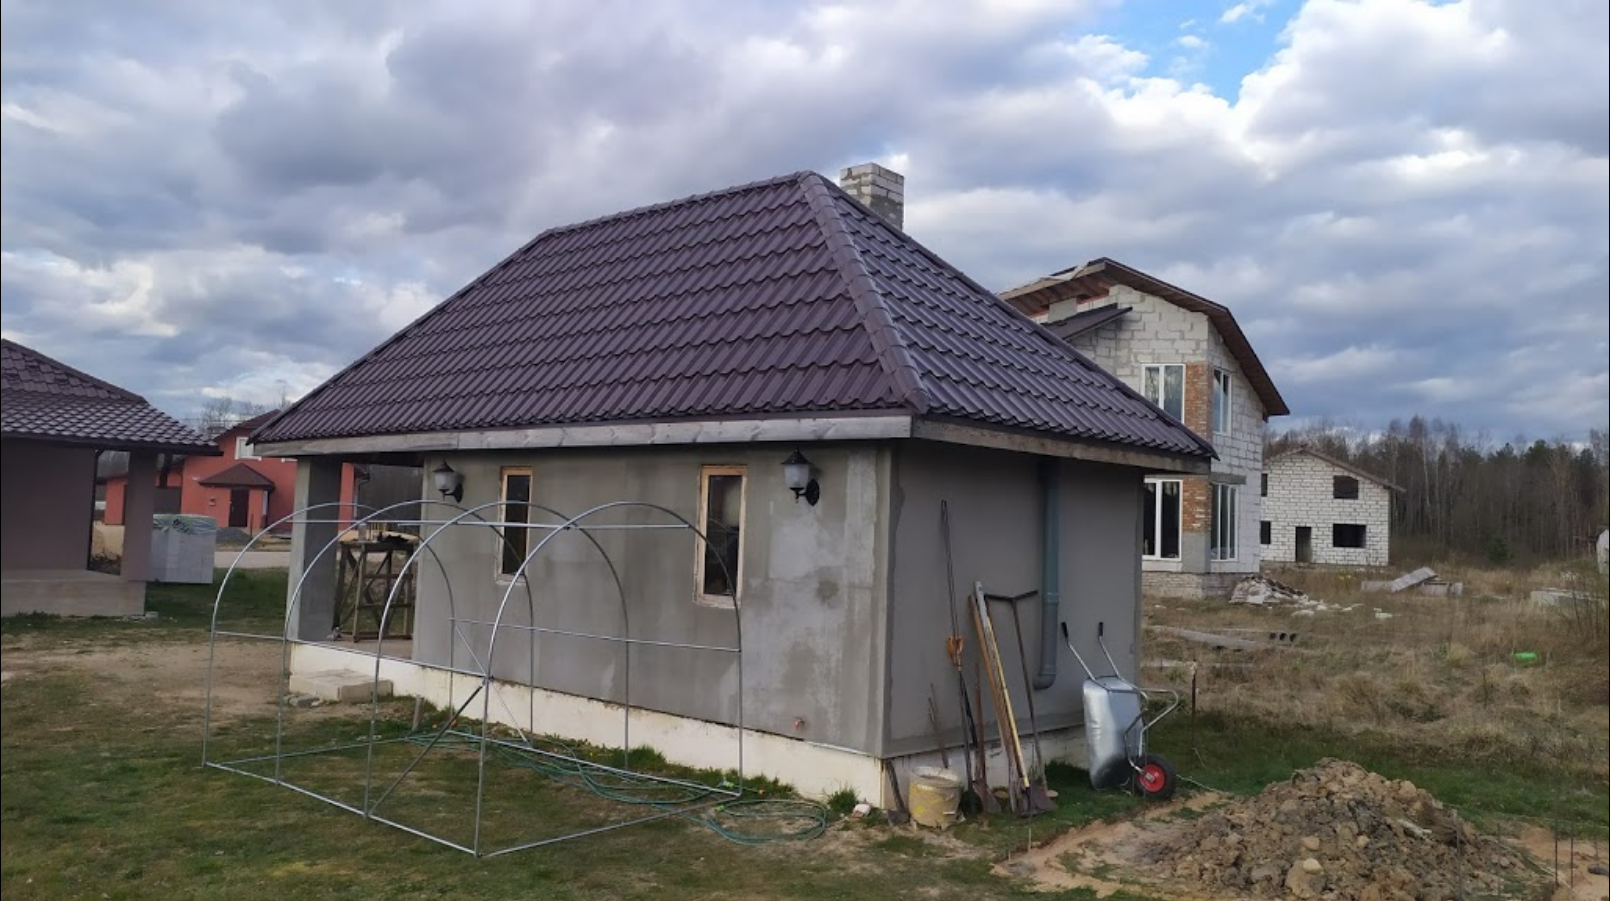 Проект Черепица Металл Профиль, объект в г.Полоцк | Слайд 2